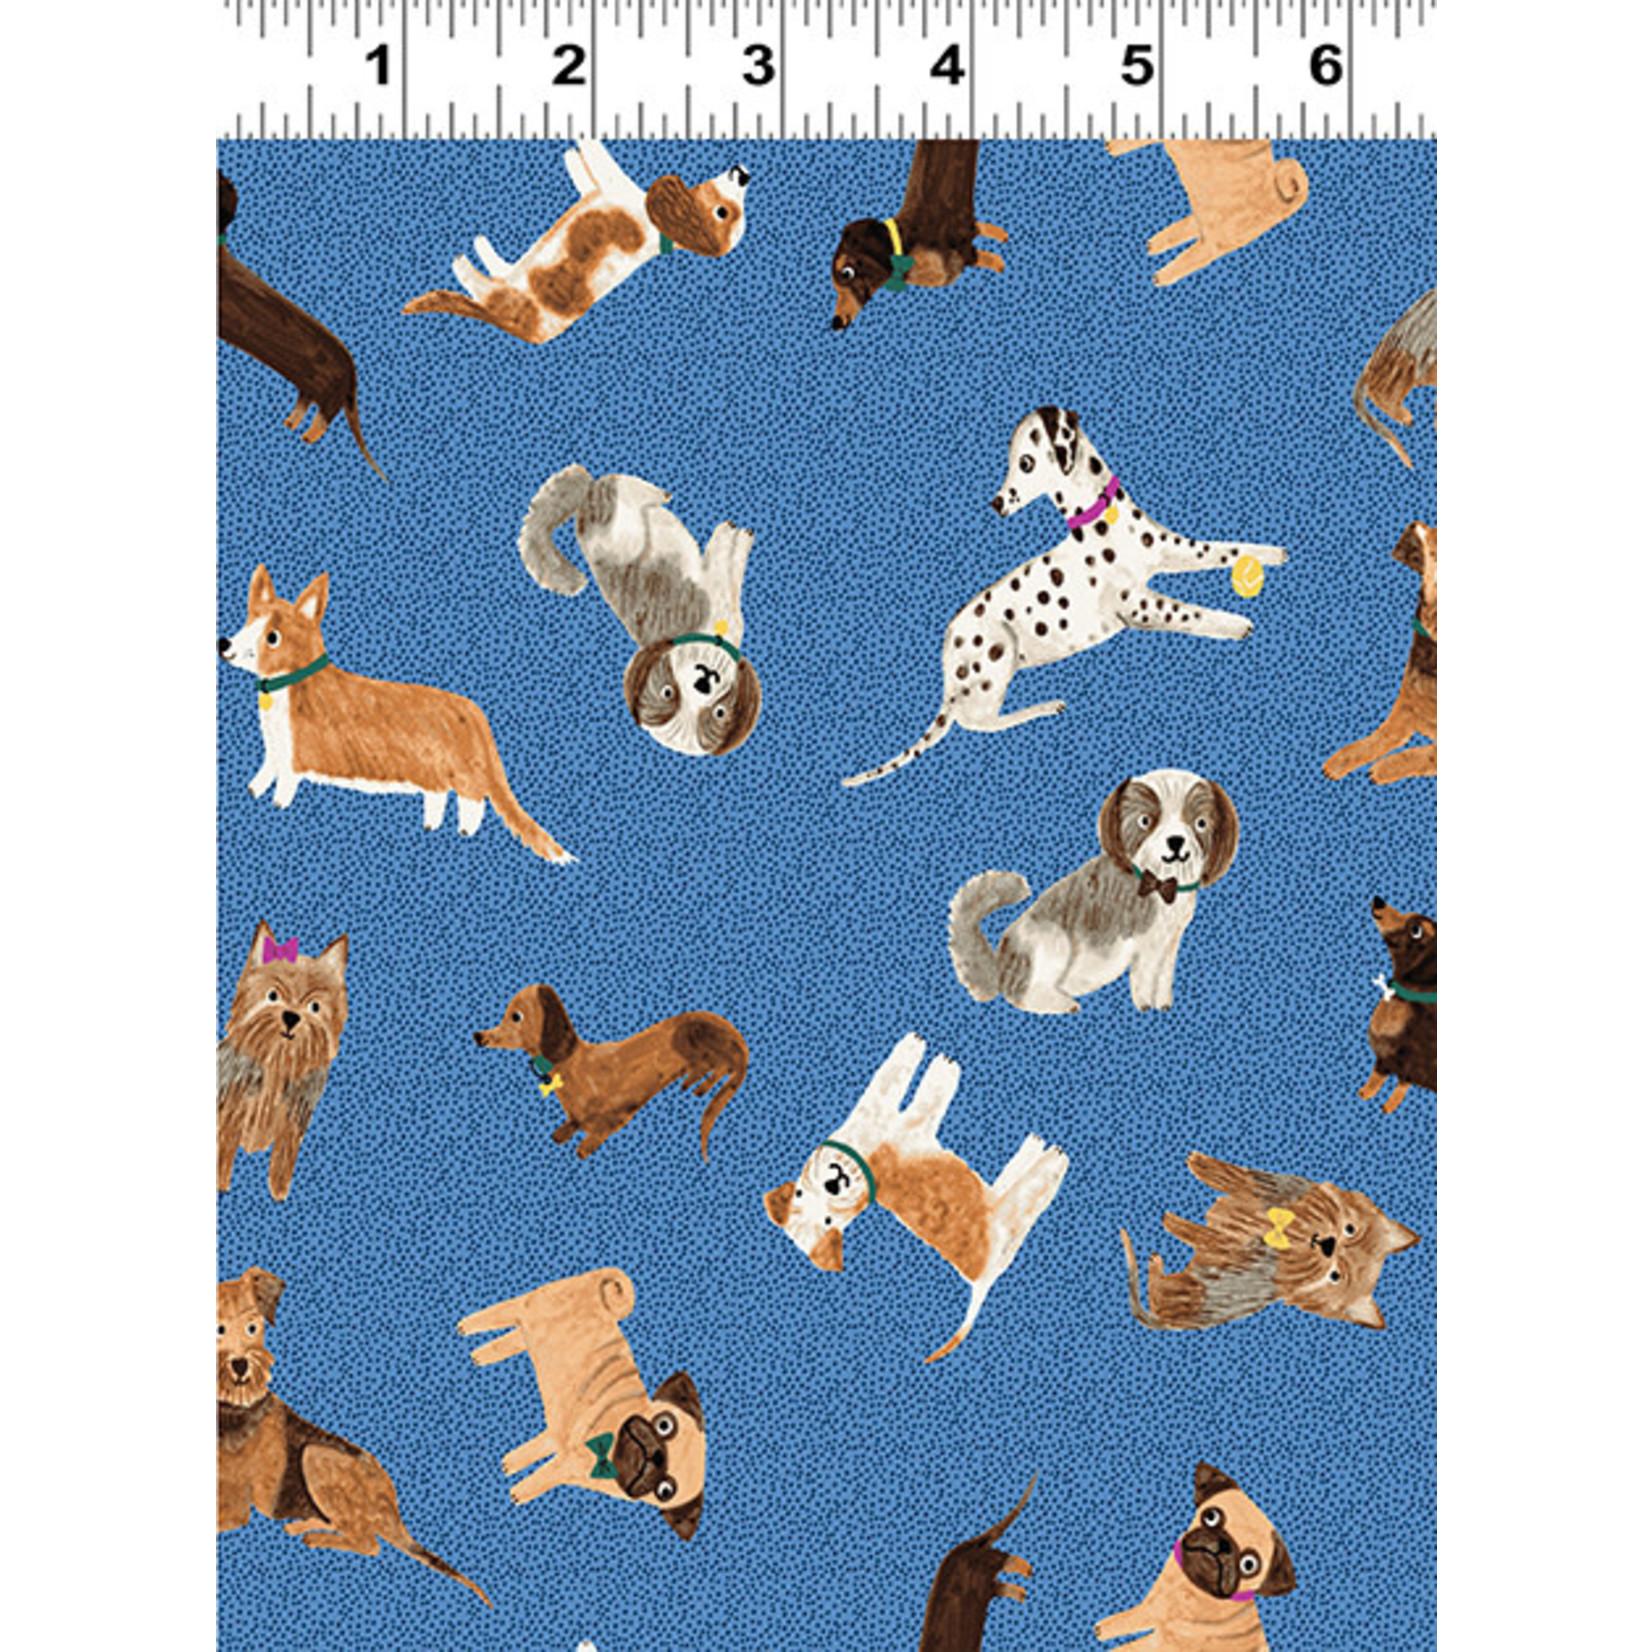 Clothworks Uptown, Tossed Dogs, Denim Y3143-88 $0.20 per cm or $20/m